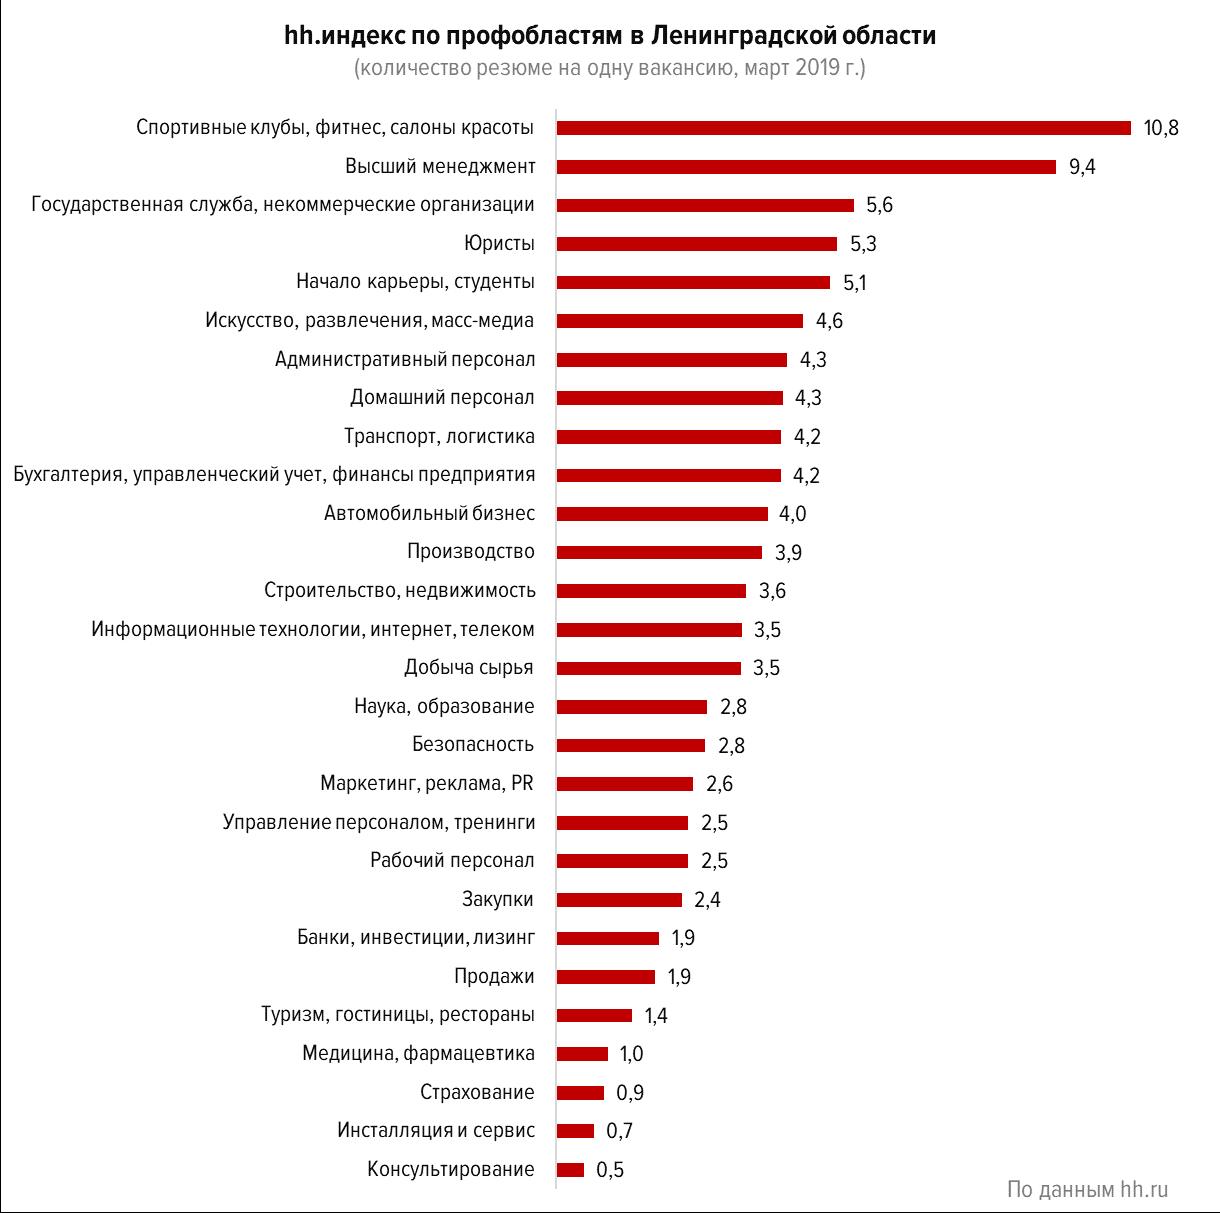 Изменения на рынке труда в Ленинградской области в первом квартале 2019 года